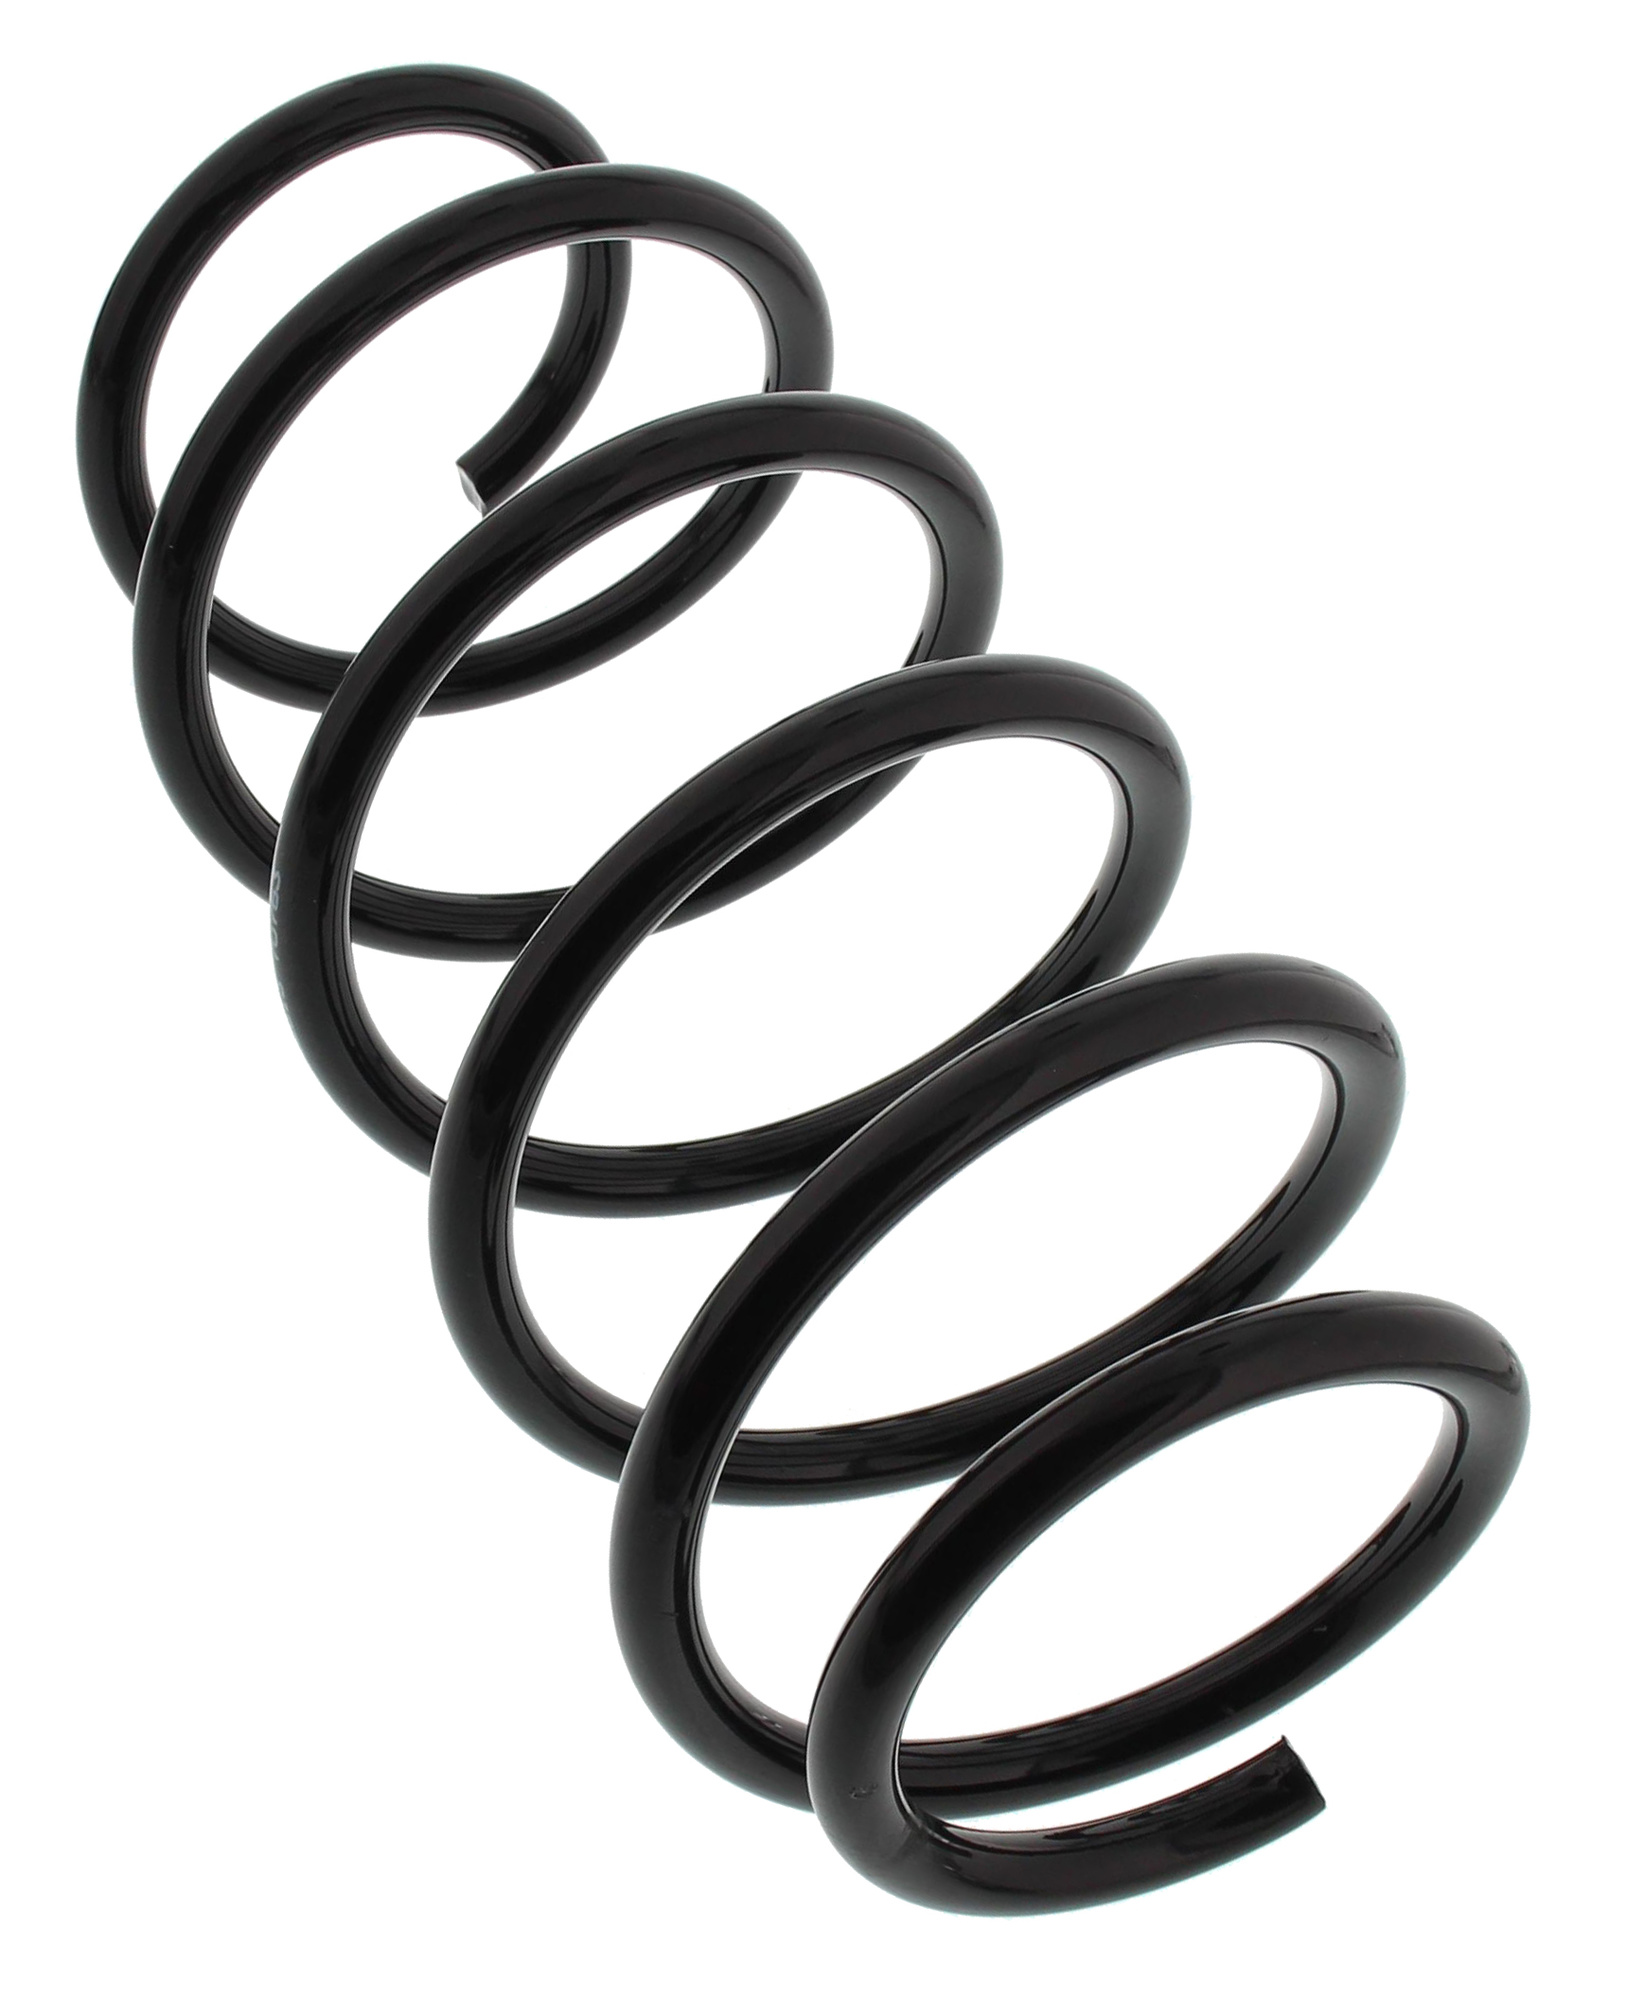 MAPCO 70763 coil spring